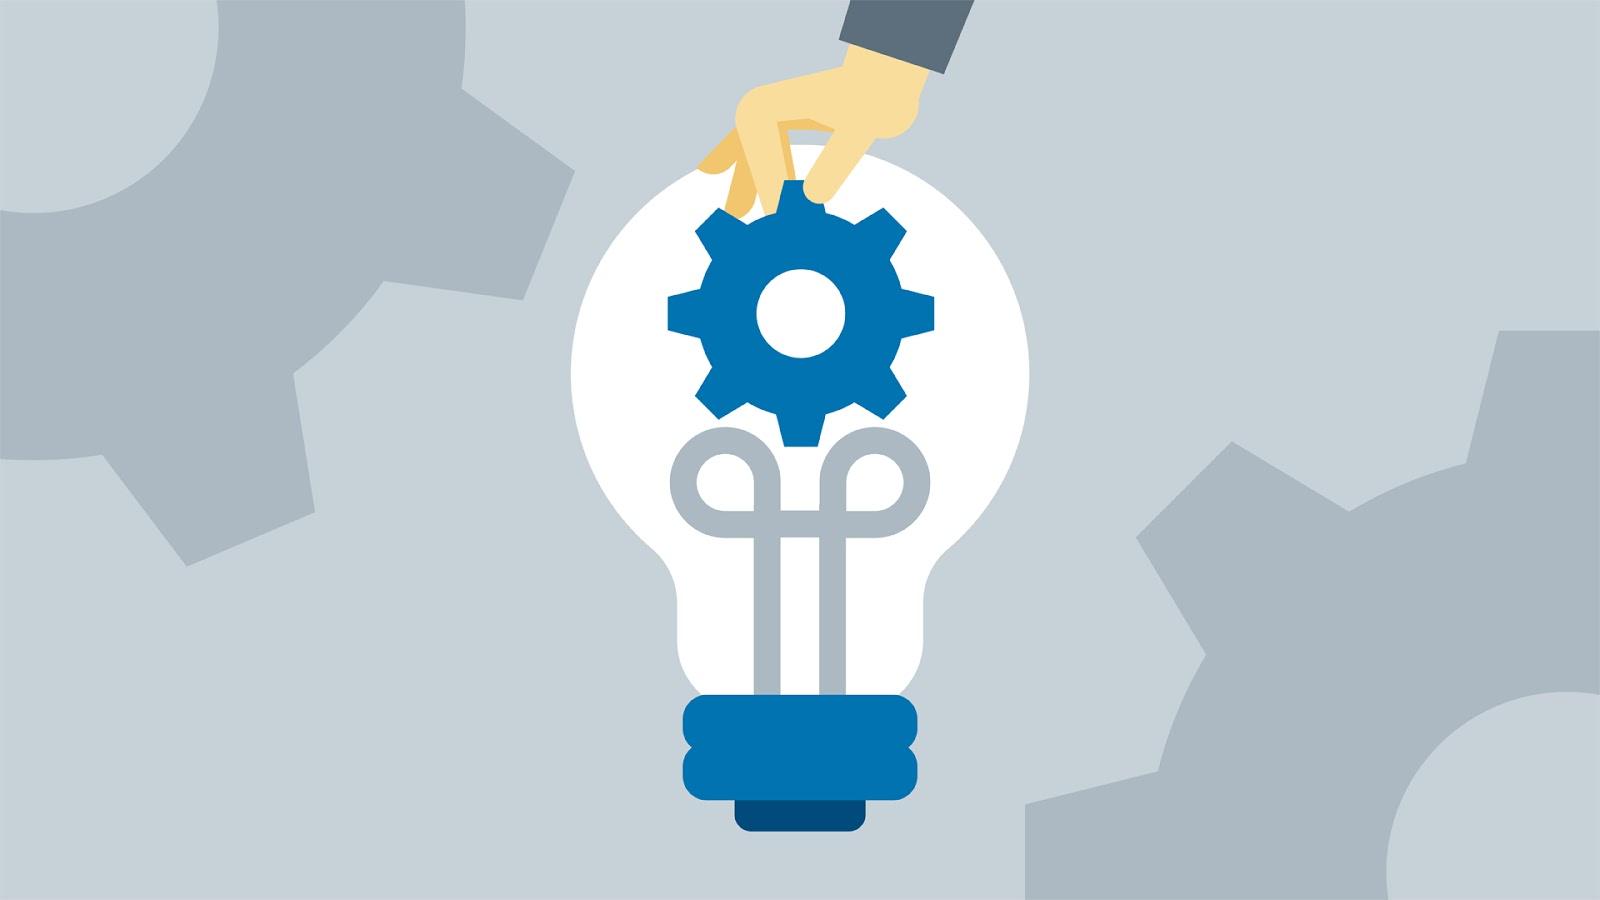 Ο Ηλίας Καραβόλιας υποστηρίζει πως αν θέλεις να αλλάξεις την οικονομία και το παραγωγικό μοντέλο θα πρέπει να επιδοτήσεις την σκέψη. new deal